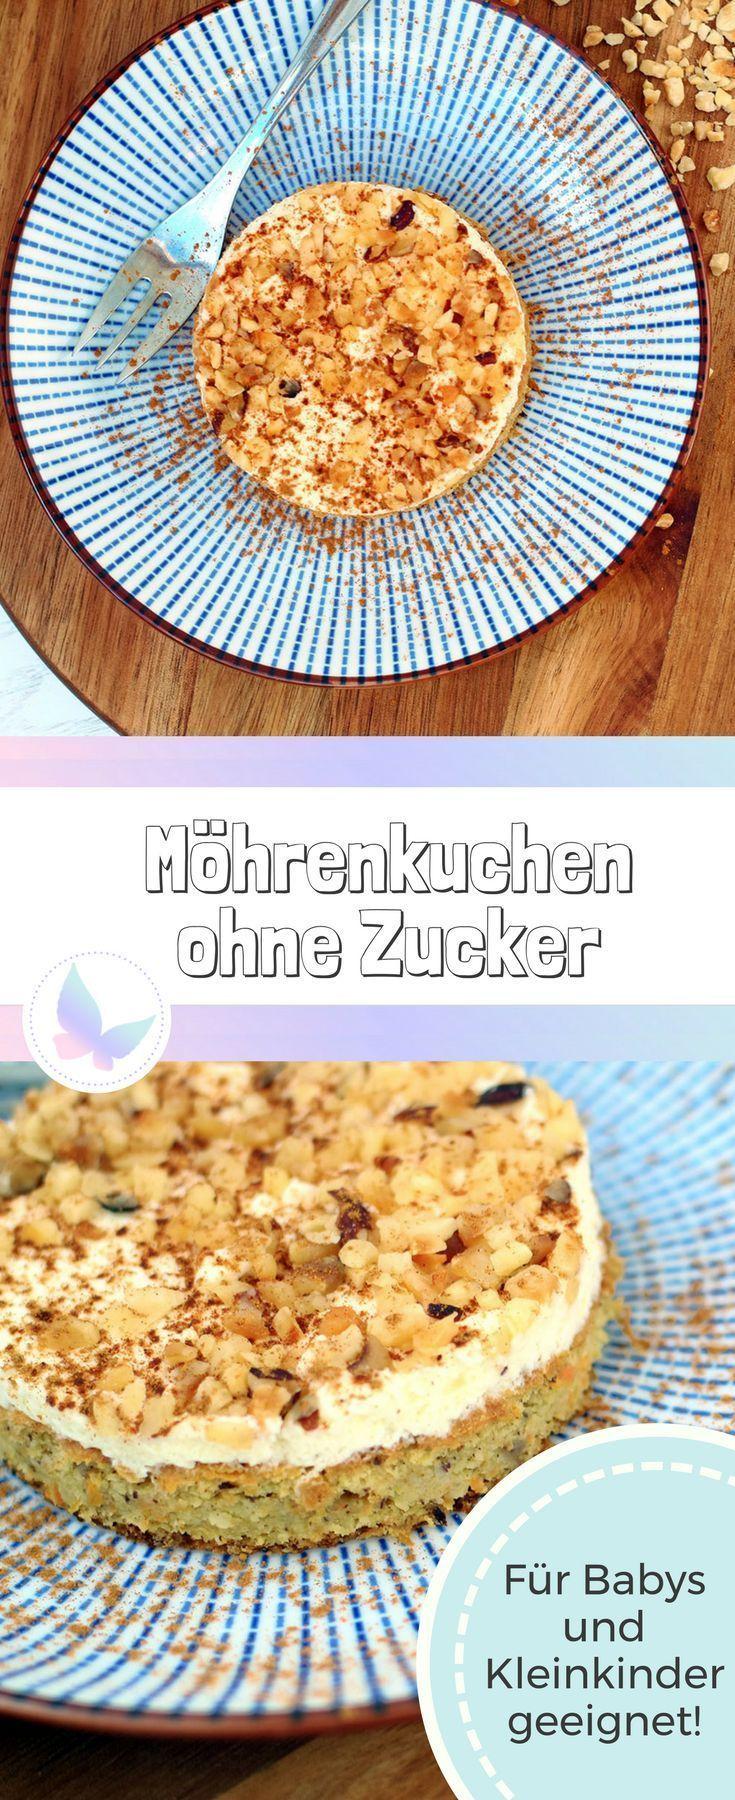 Rezept für einen Karottenkuchen ohne Zucker BLW geeignet # zuckerfrei #BLW   – Zuckerfrei Backen | Kuchen Muffins Torten | gesunde Rezepte